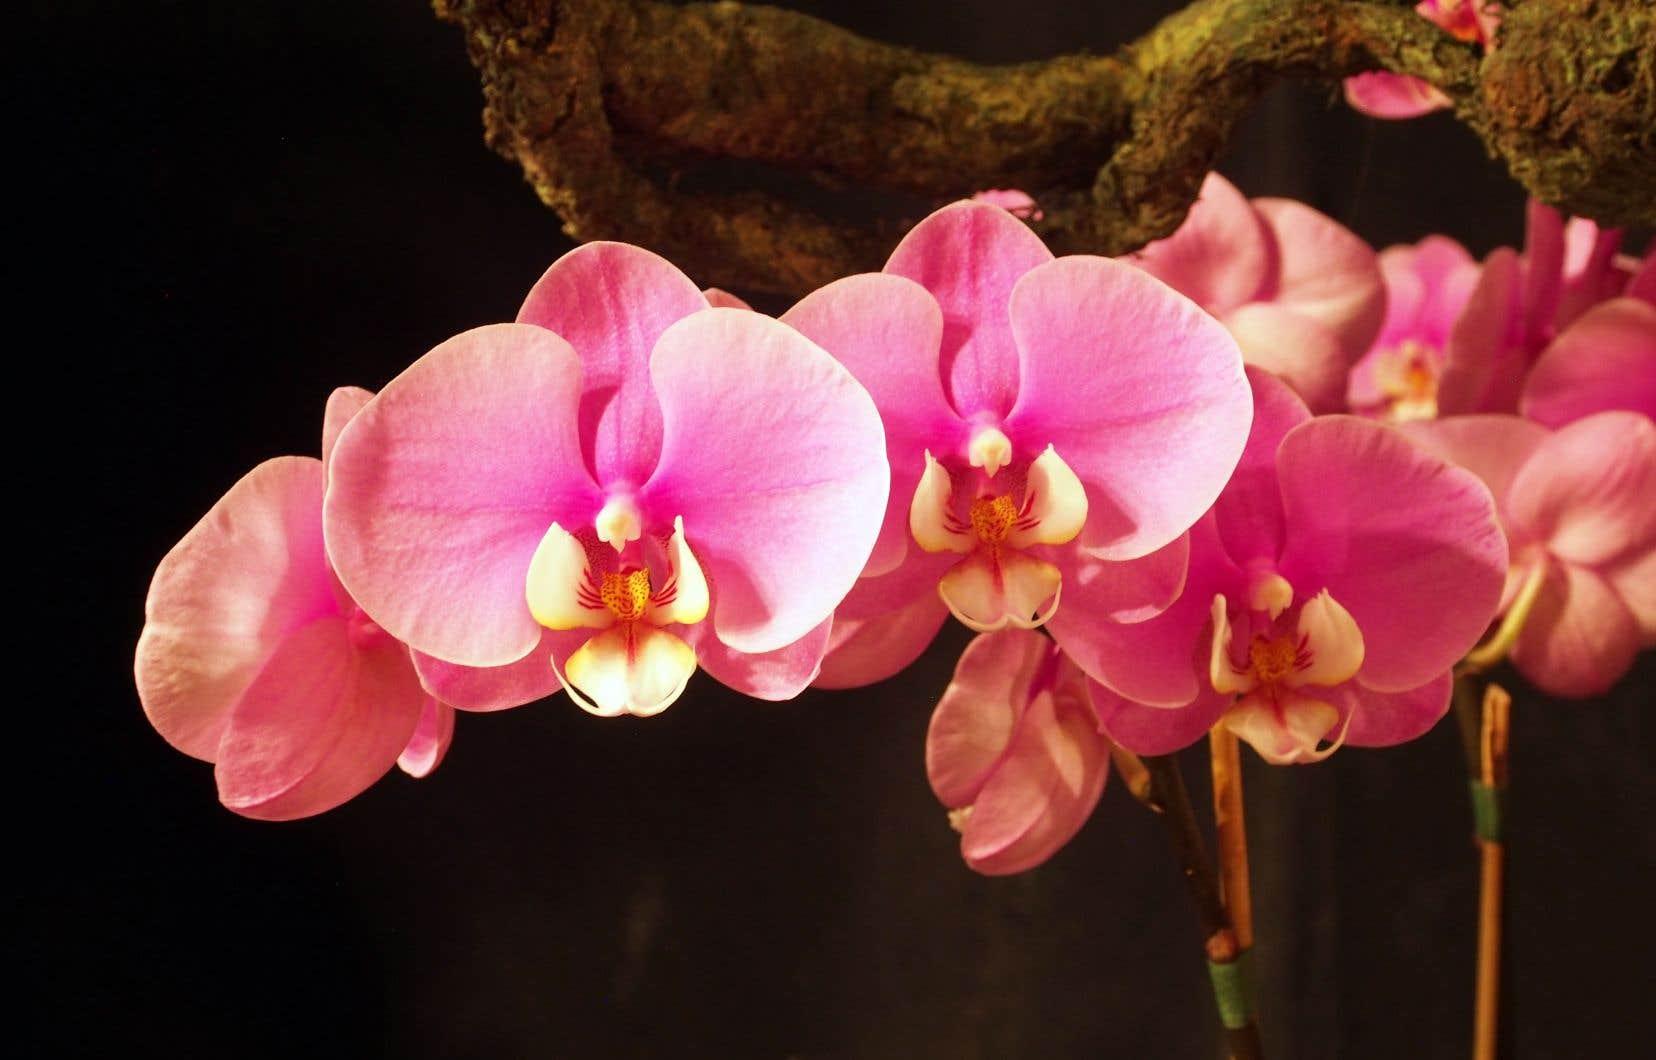 «Phalaenopsis» vient du mot grec «phalaina», lequel signifie «papillon de nuit». Si vous observez sa fleur, vous remarquerez que ses pétales ressemblent effectivement à des ailes de papillon, d'où son nom vernaculaire d'orchidée papillon.